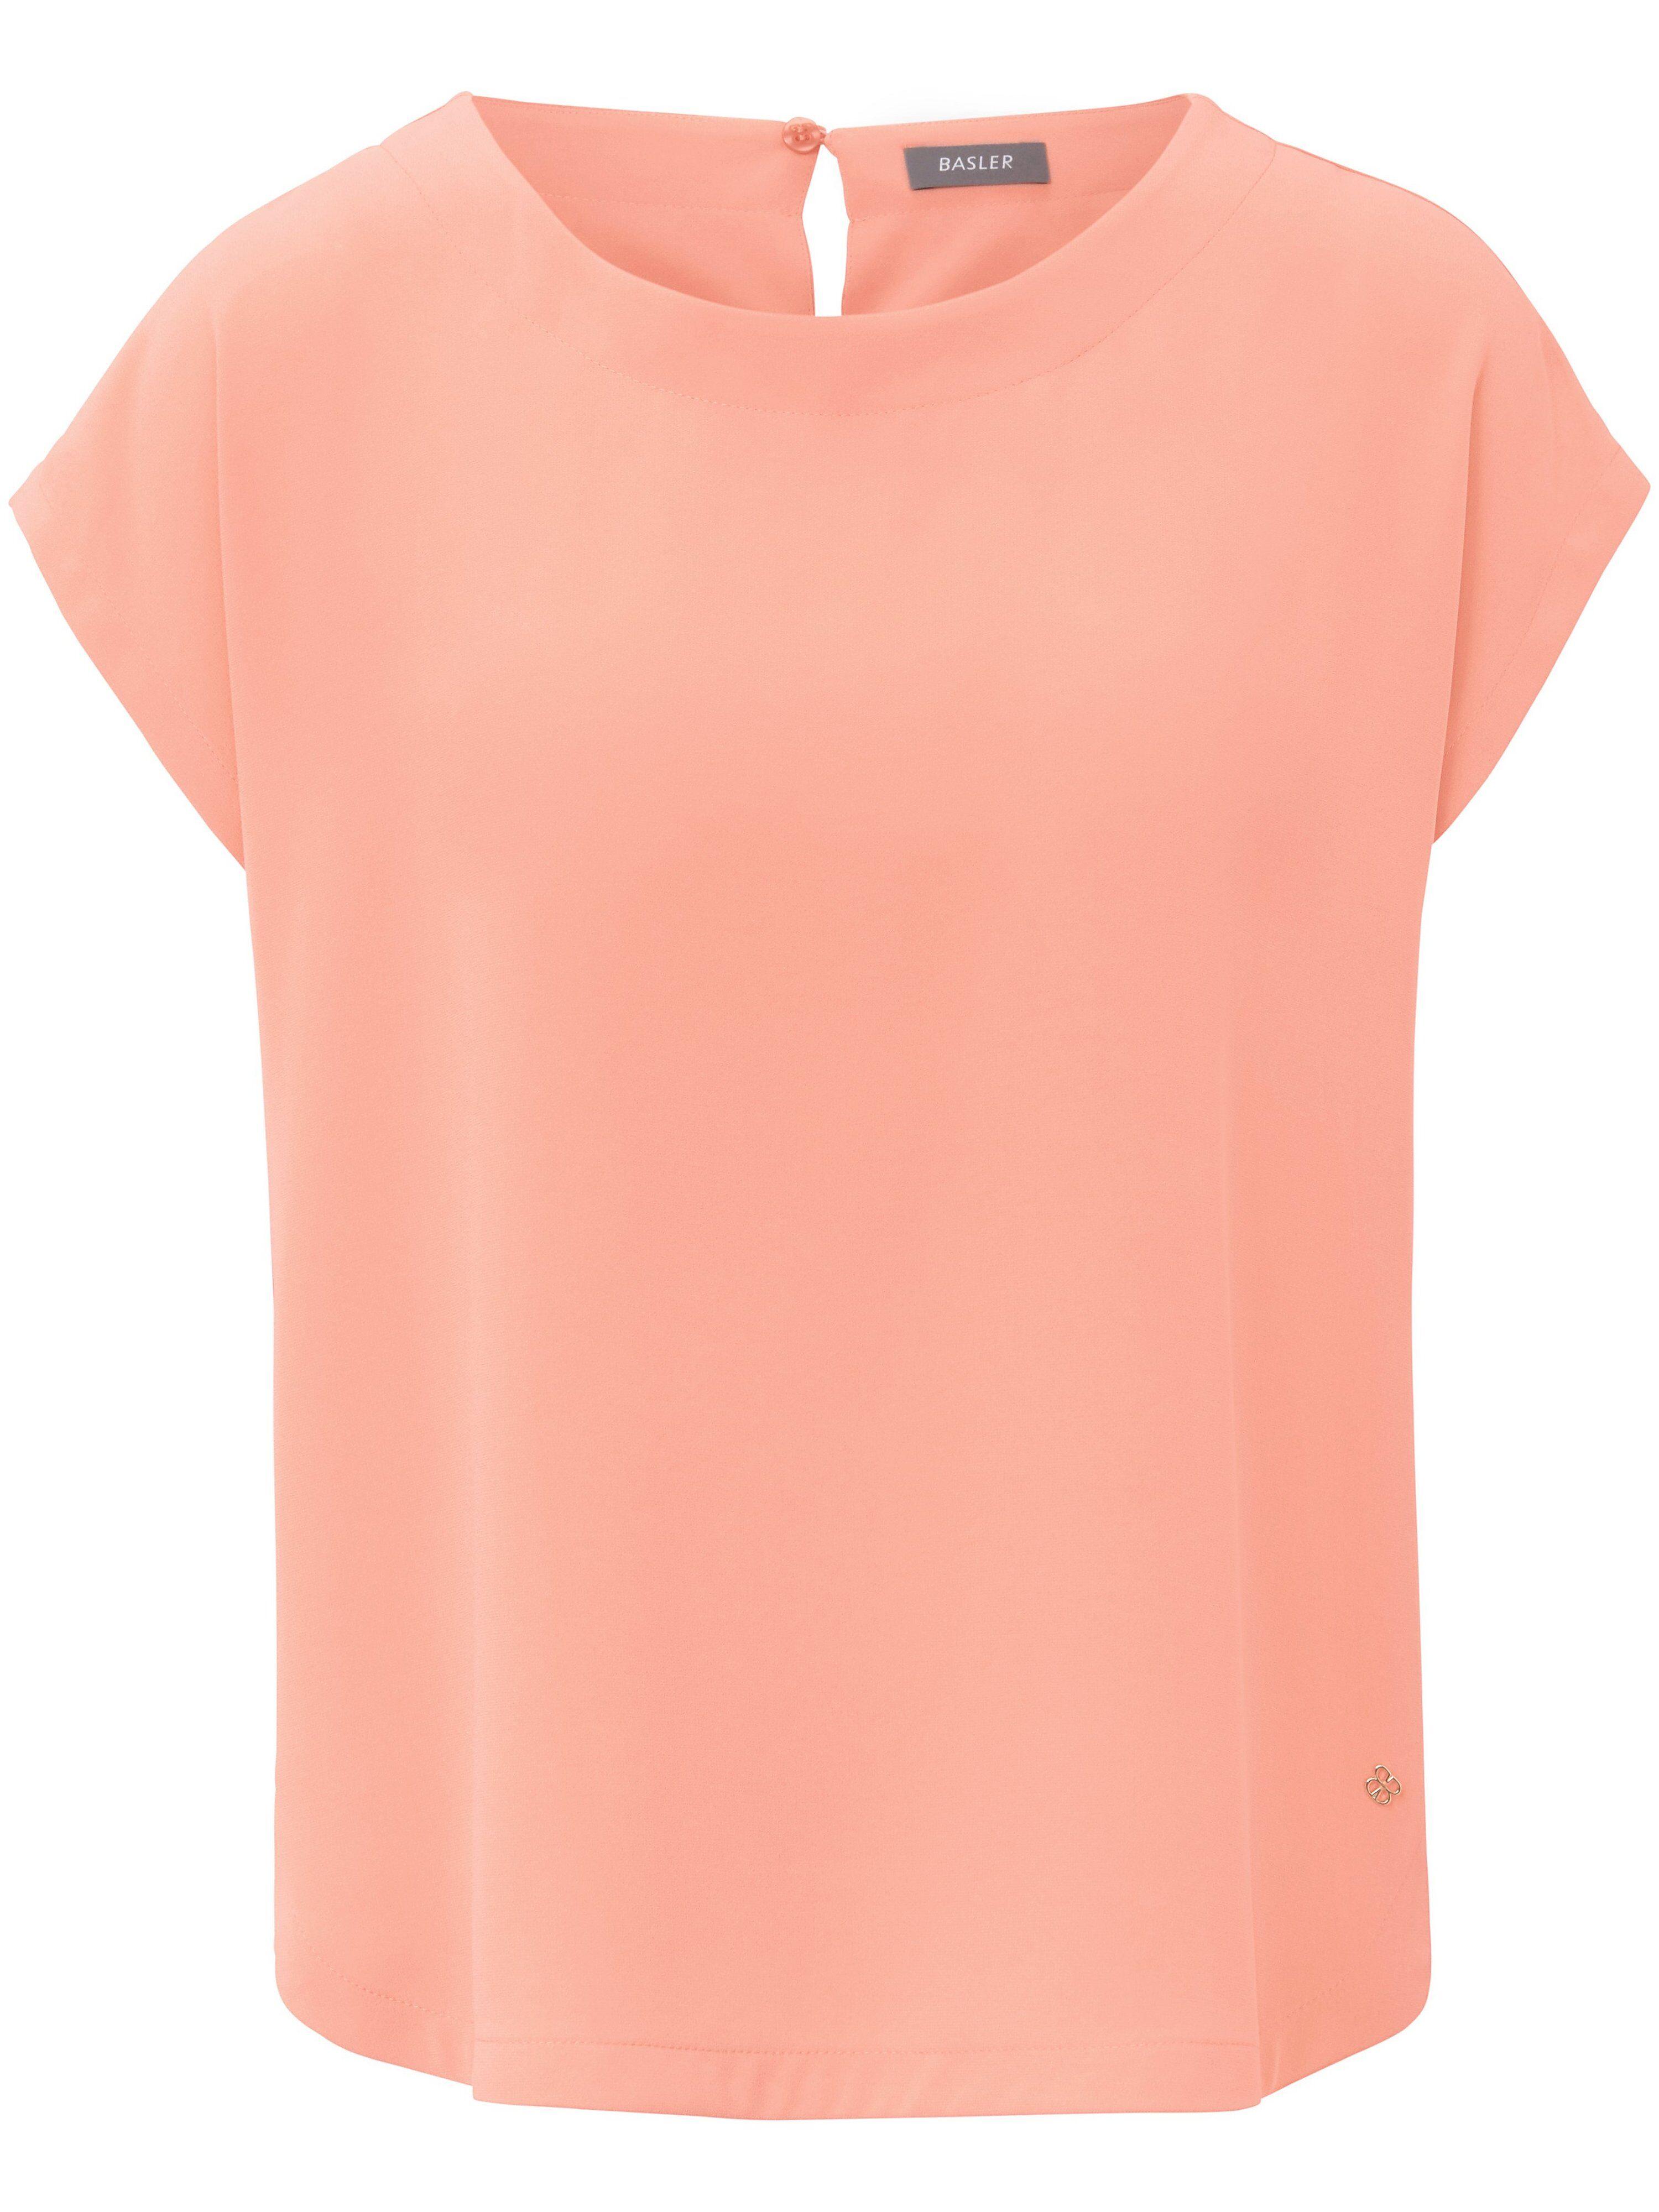 Basler La blouse ligne fluide  Basler orange  - Femme - 40